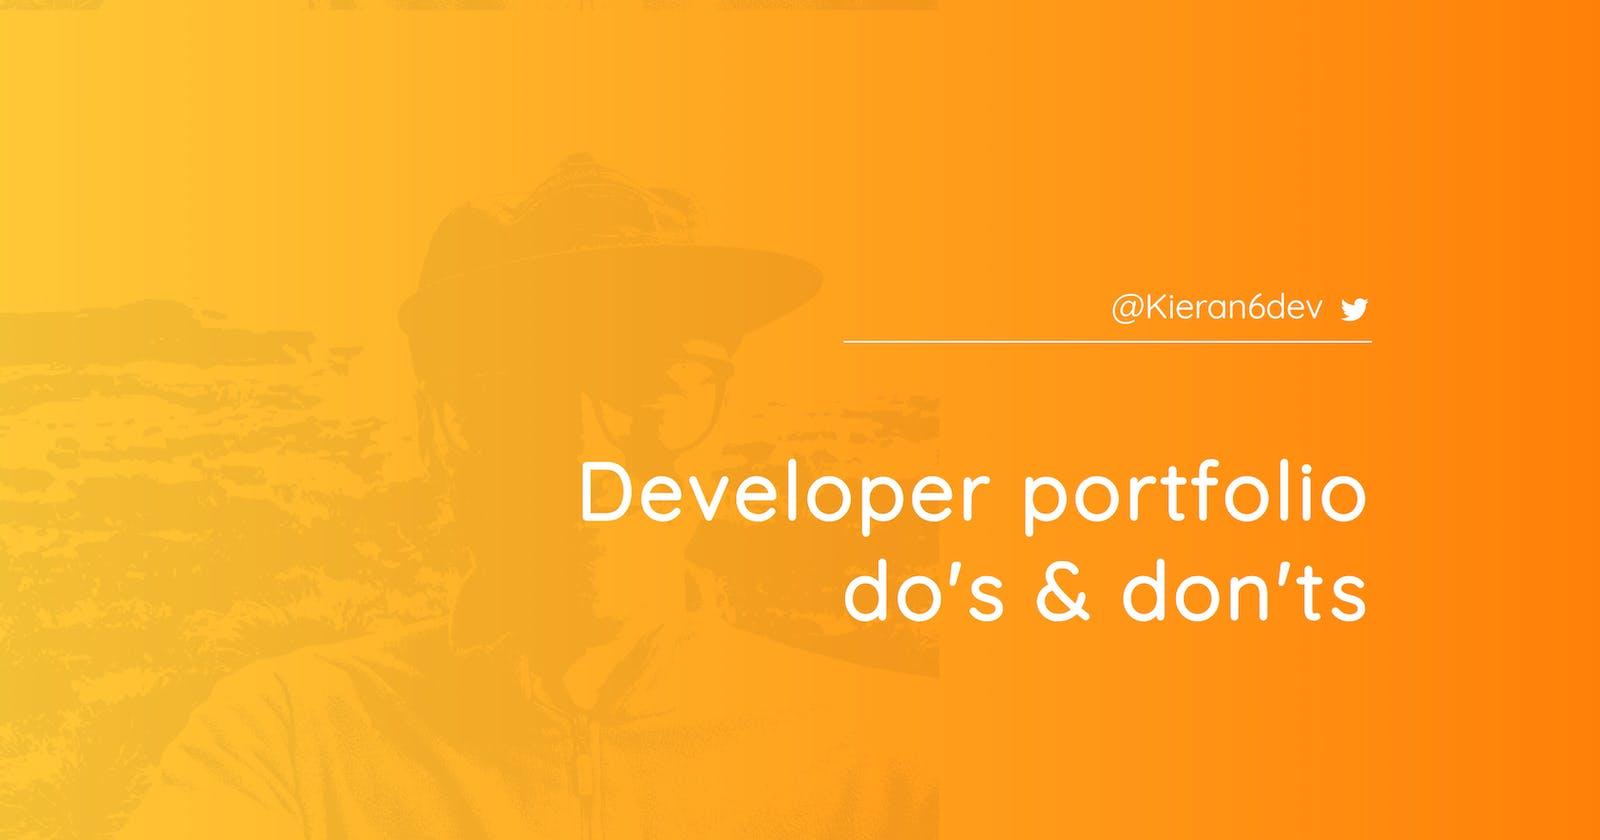 Developer portfolio do's & don'ts